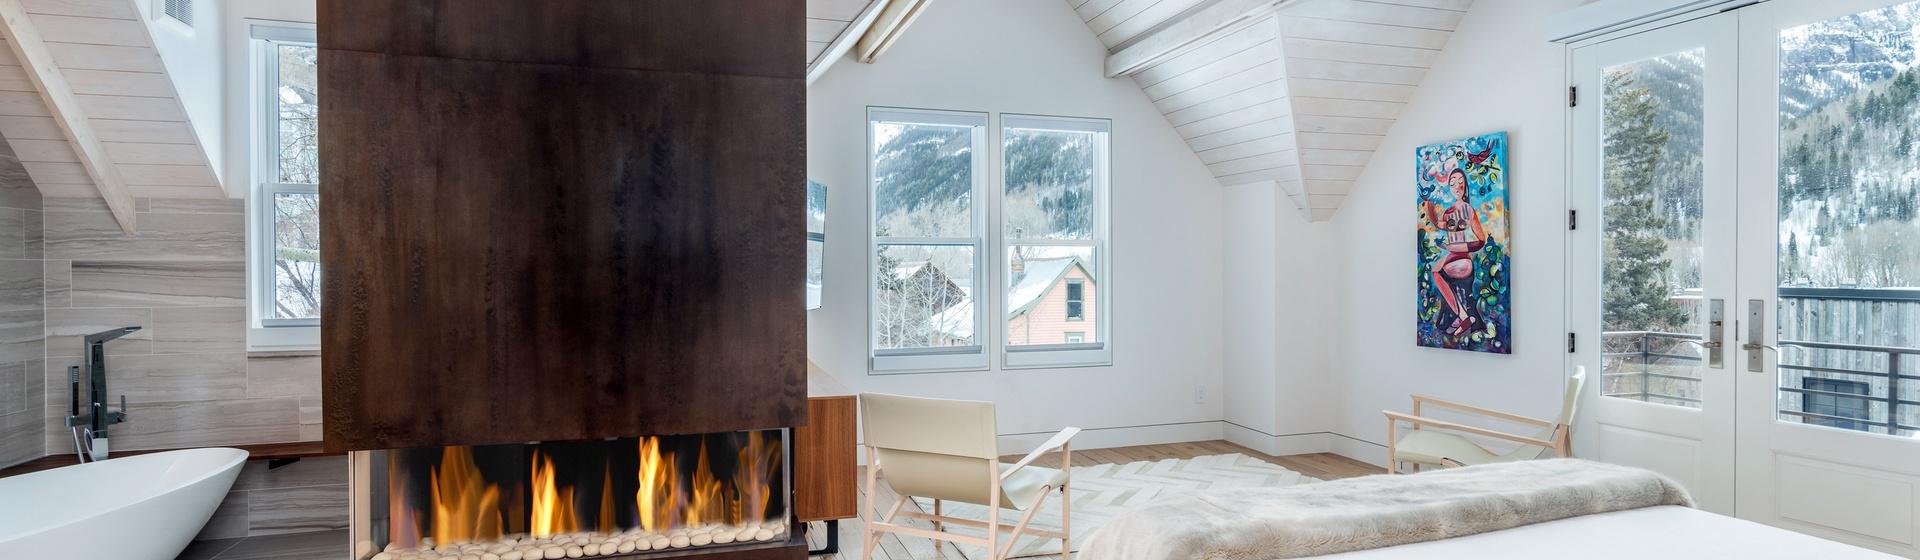 19-Telluride-The-Sunnyside-Master-Bedroom-Bathroom-Fireplace-Web.jpg